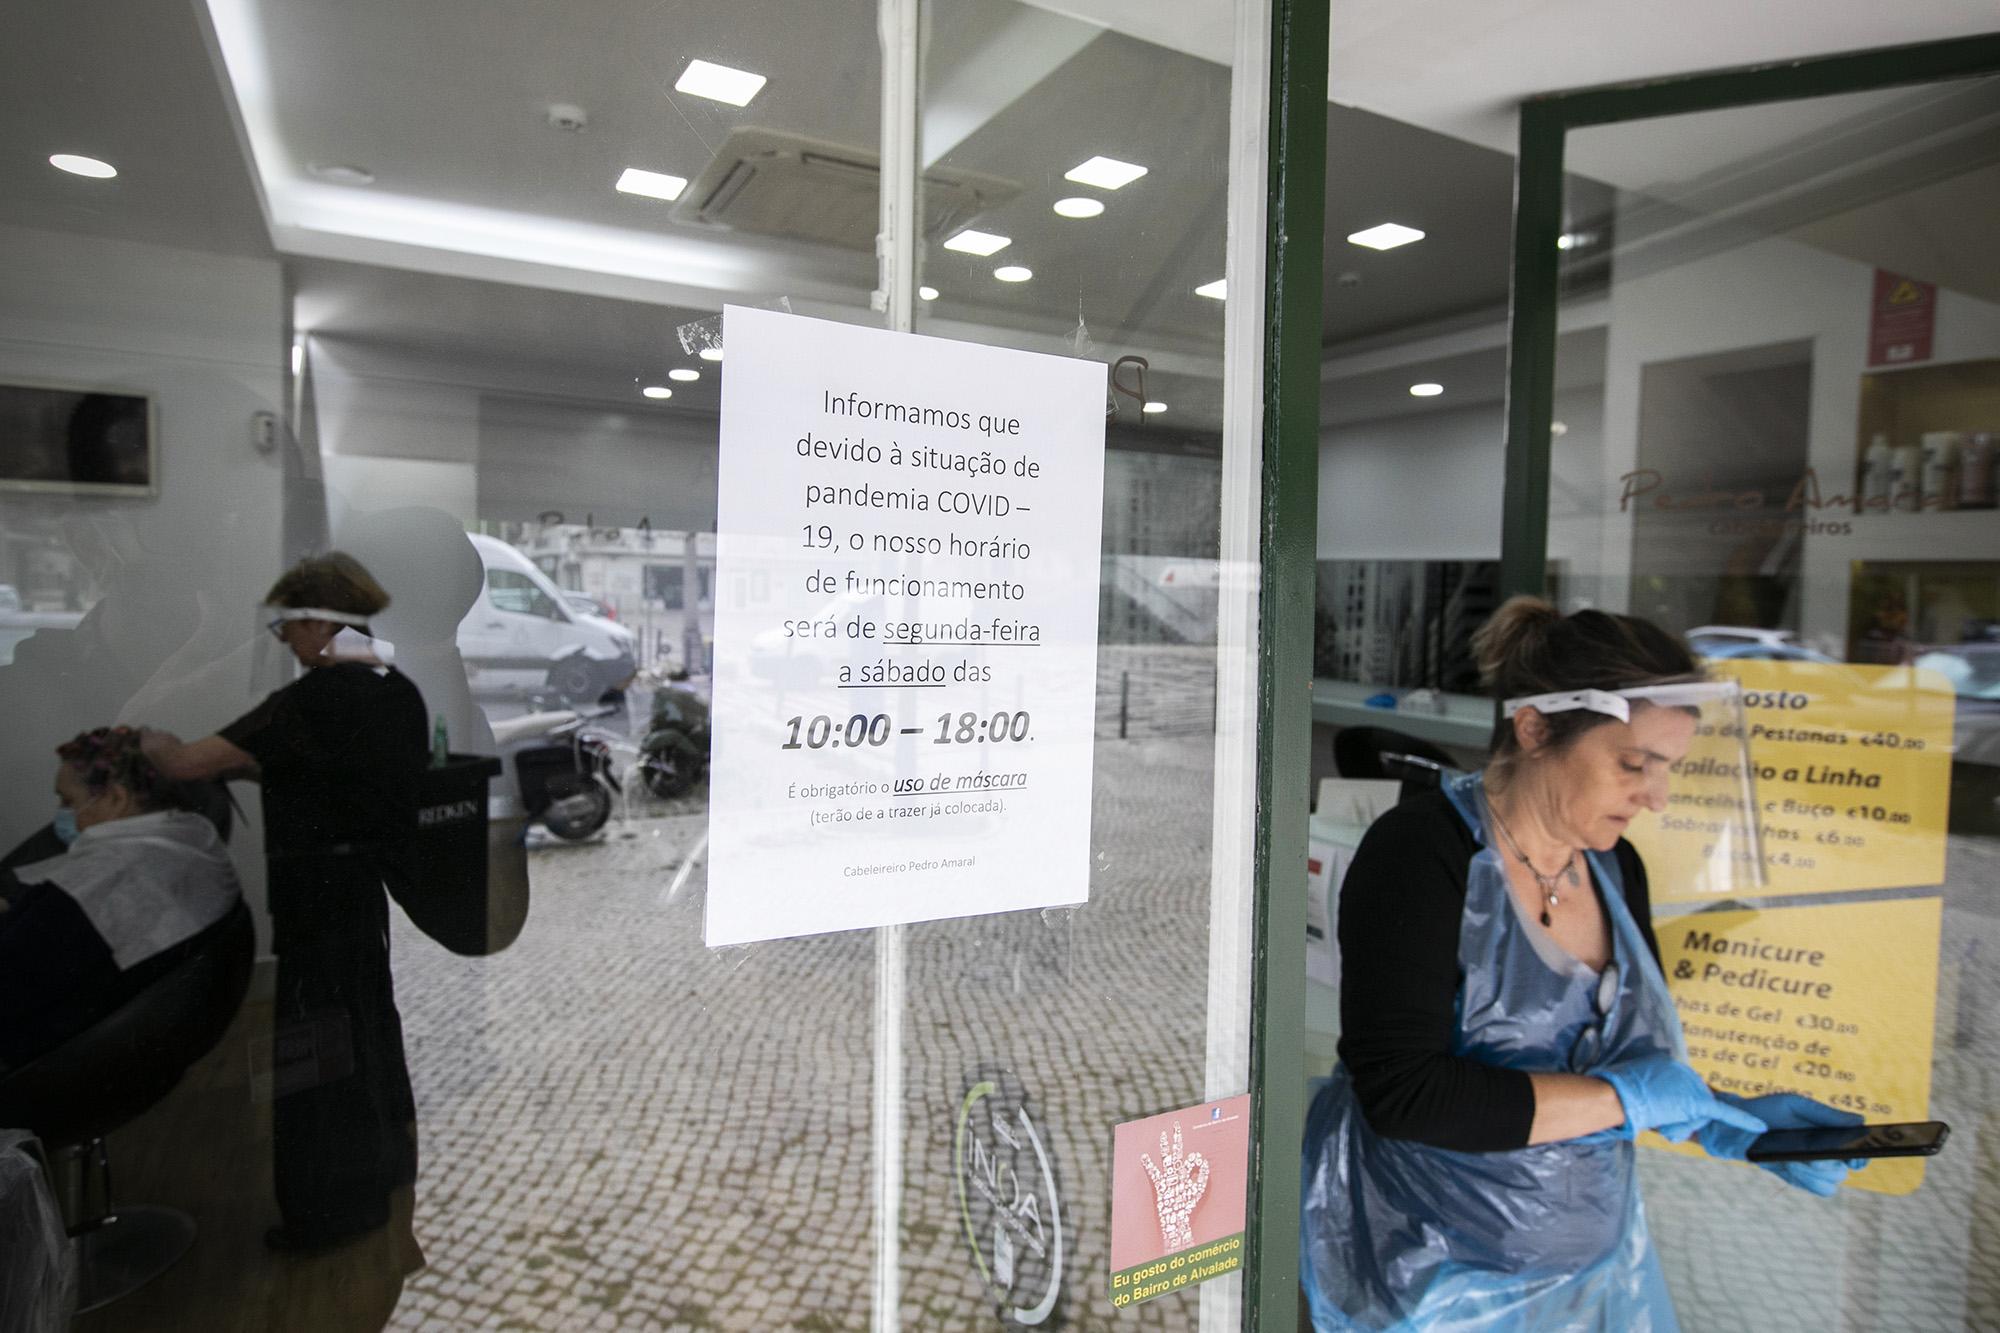 Pequeno comércio reabre no bairro de Alvalade - 04MAI20